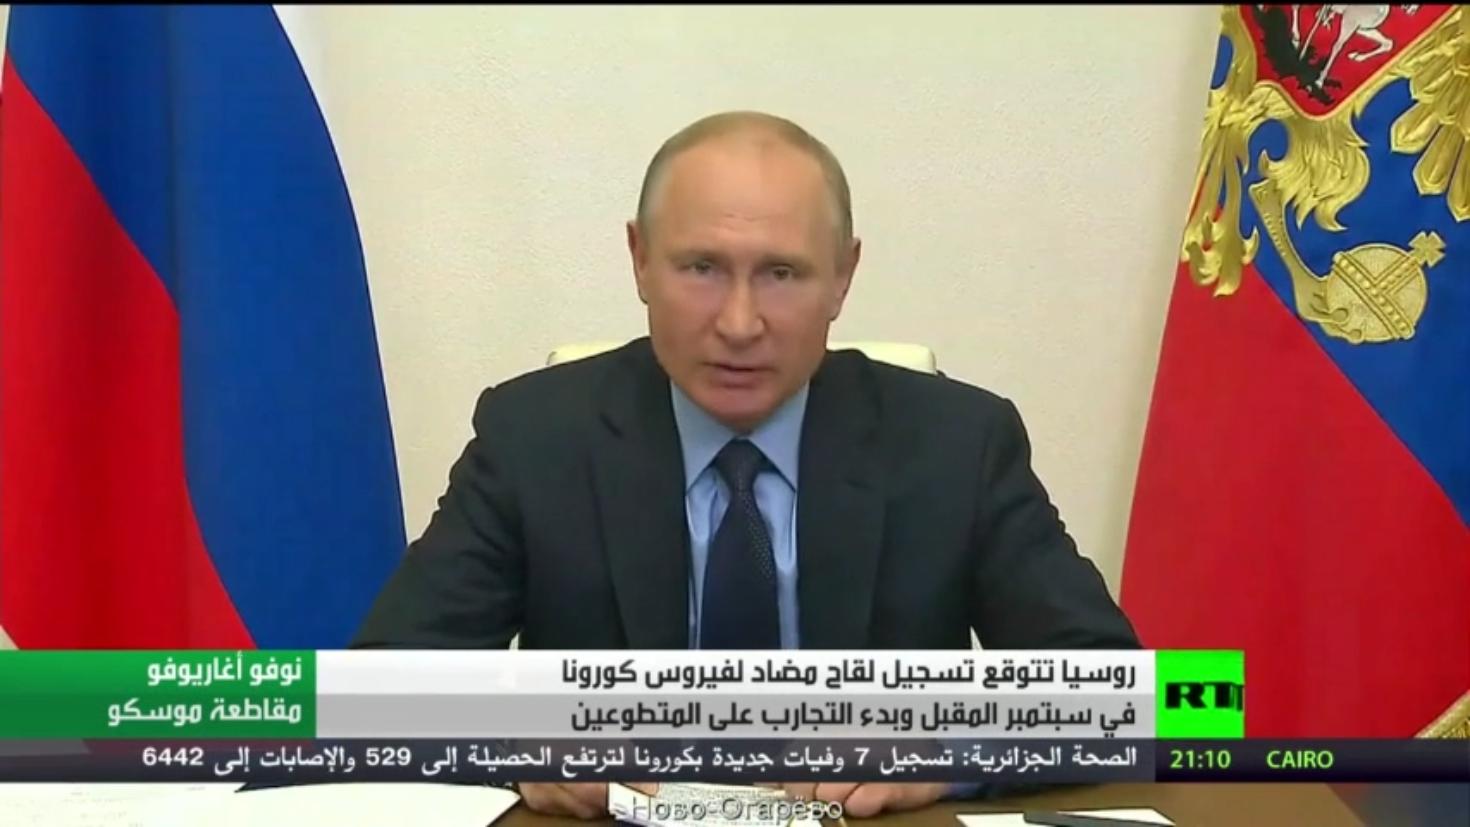 بوتين يبحث تطوير لقاحات مضادة لكورونا